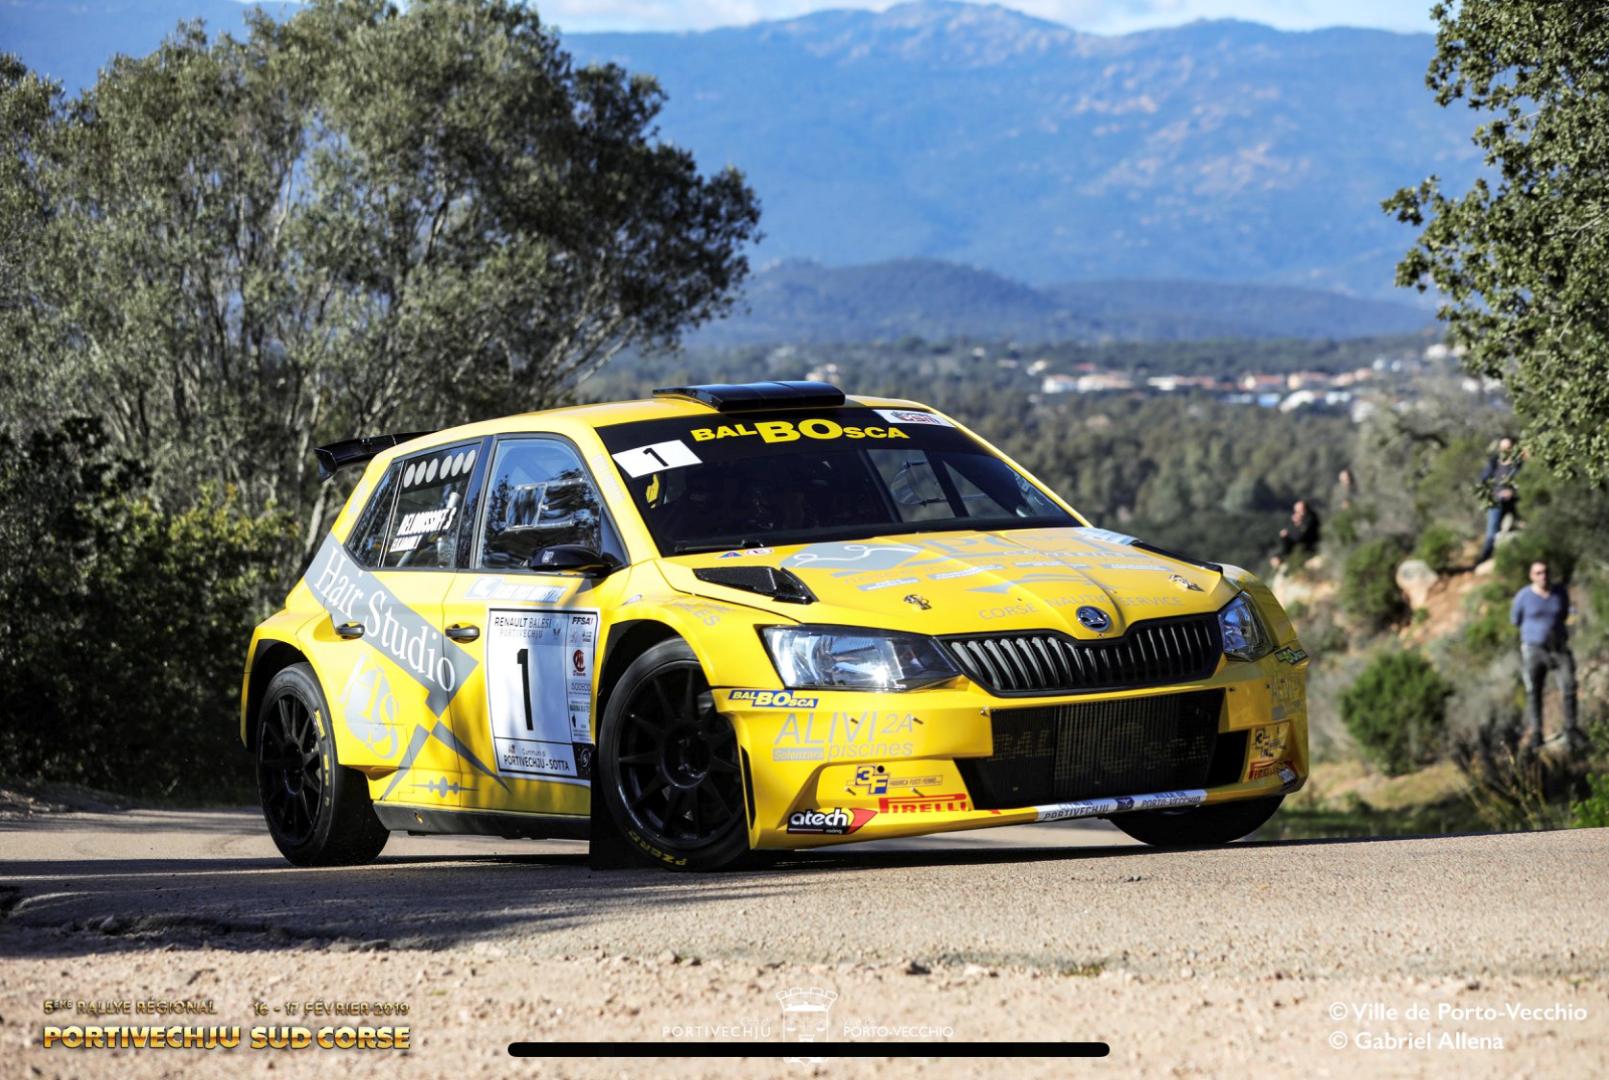 un-talentueux-pilote-marocain-decouvert-grace-au-maroc-historic-rally-1081-10.png